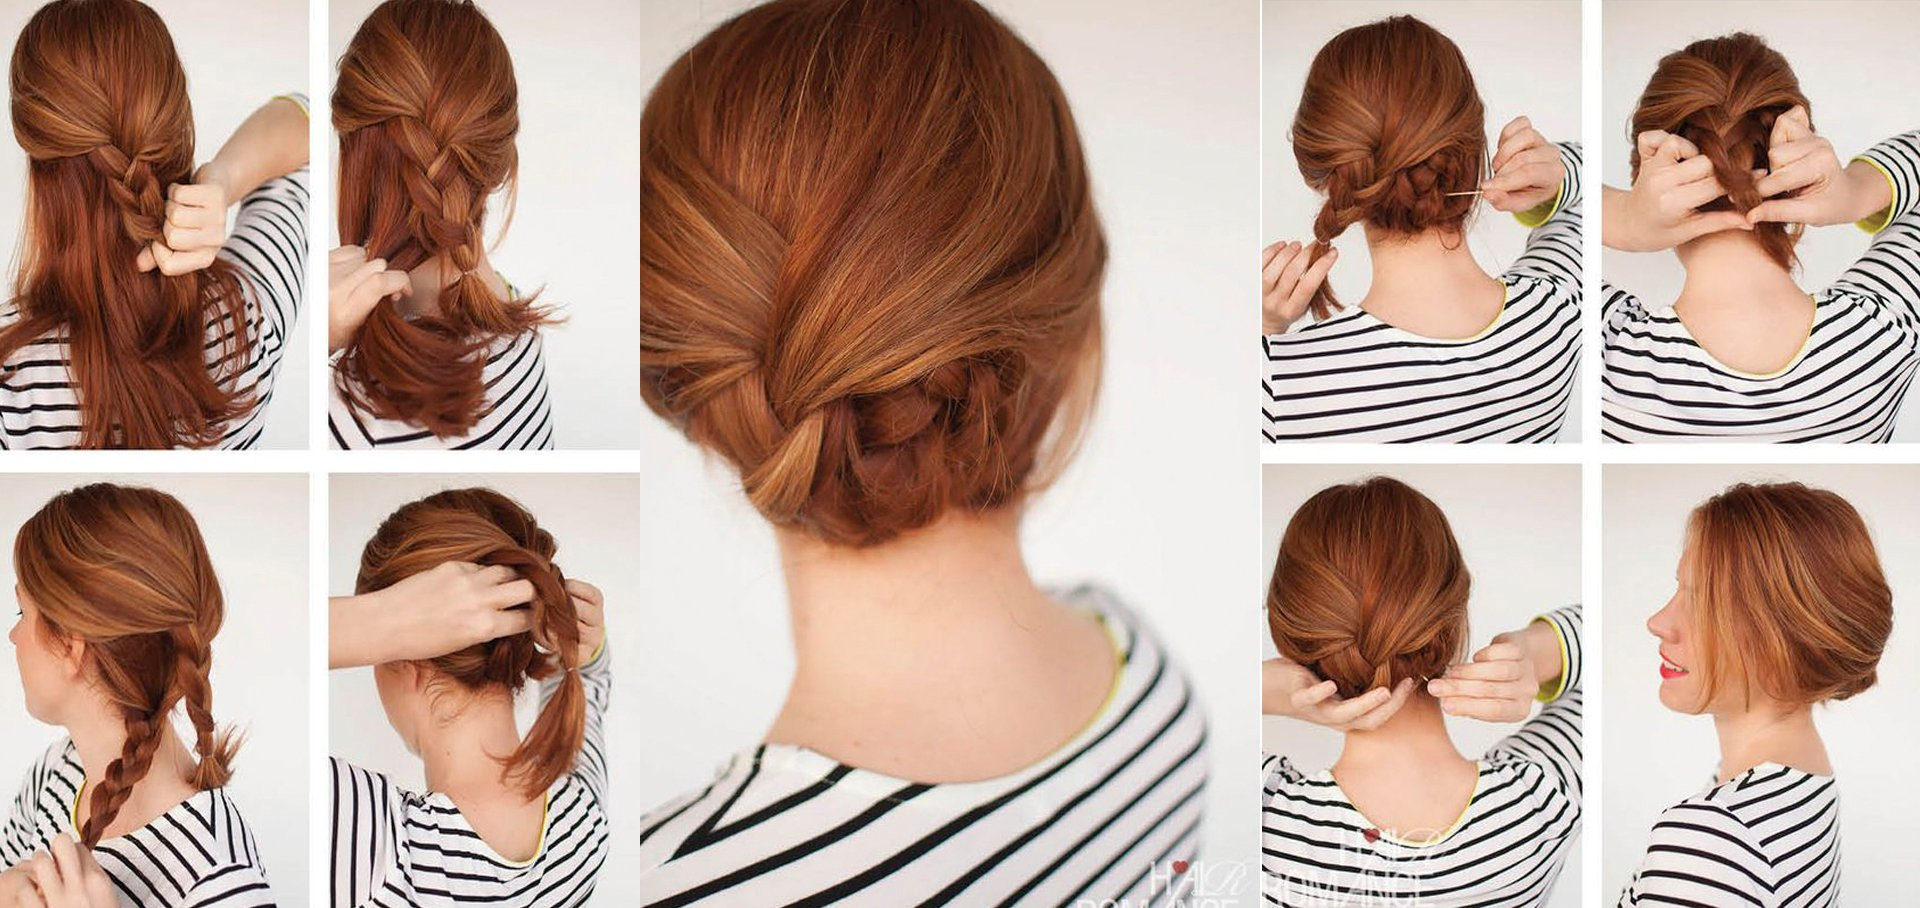 Un look impactante con tutoriales de peinados Fotos de las tendencias de color de pelo - 15 Tutoriales de peinados fáciles que te encantarán